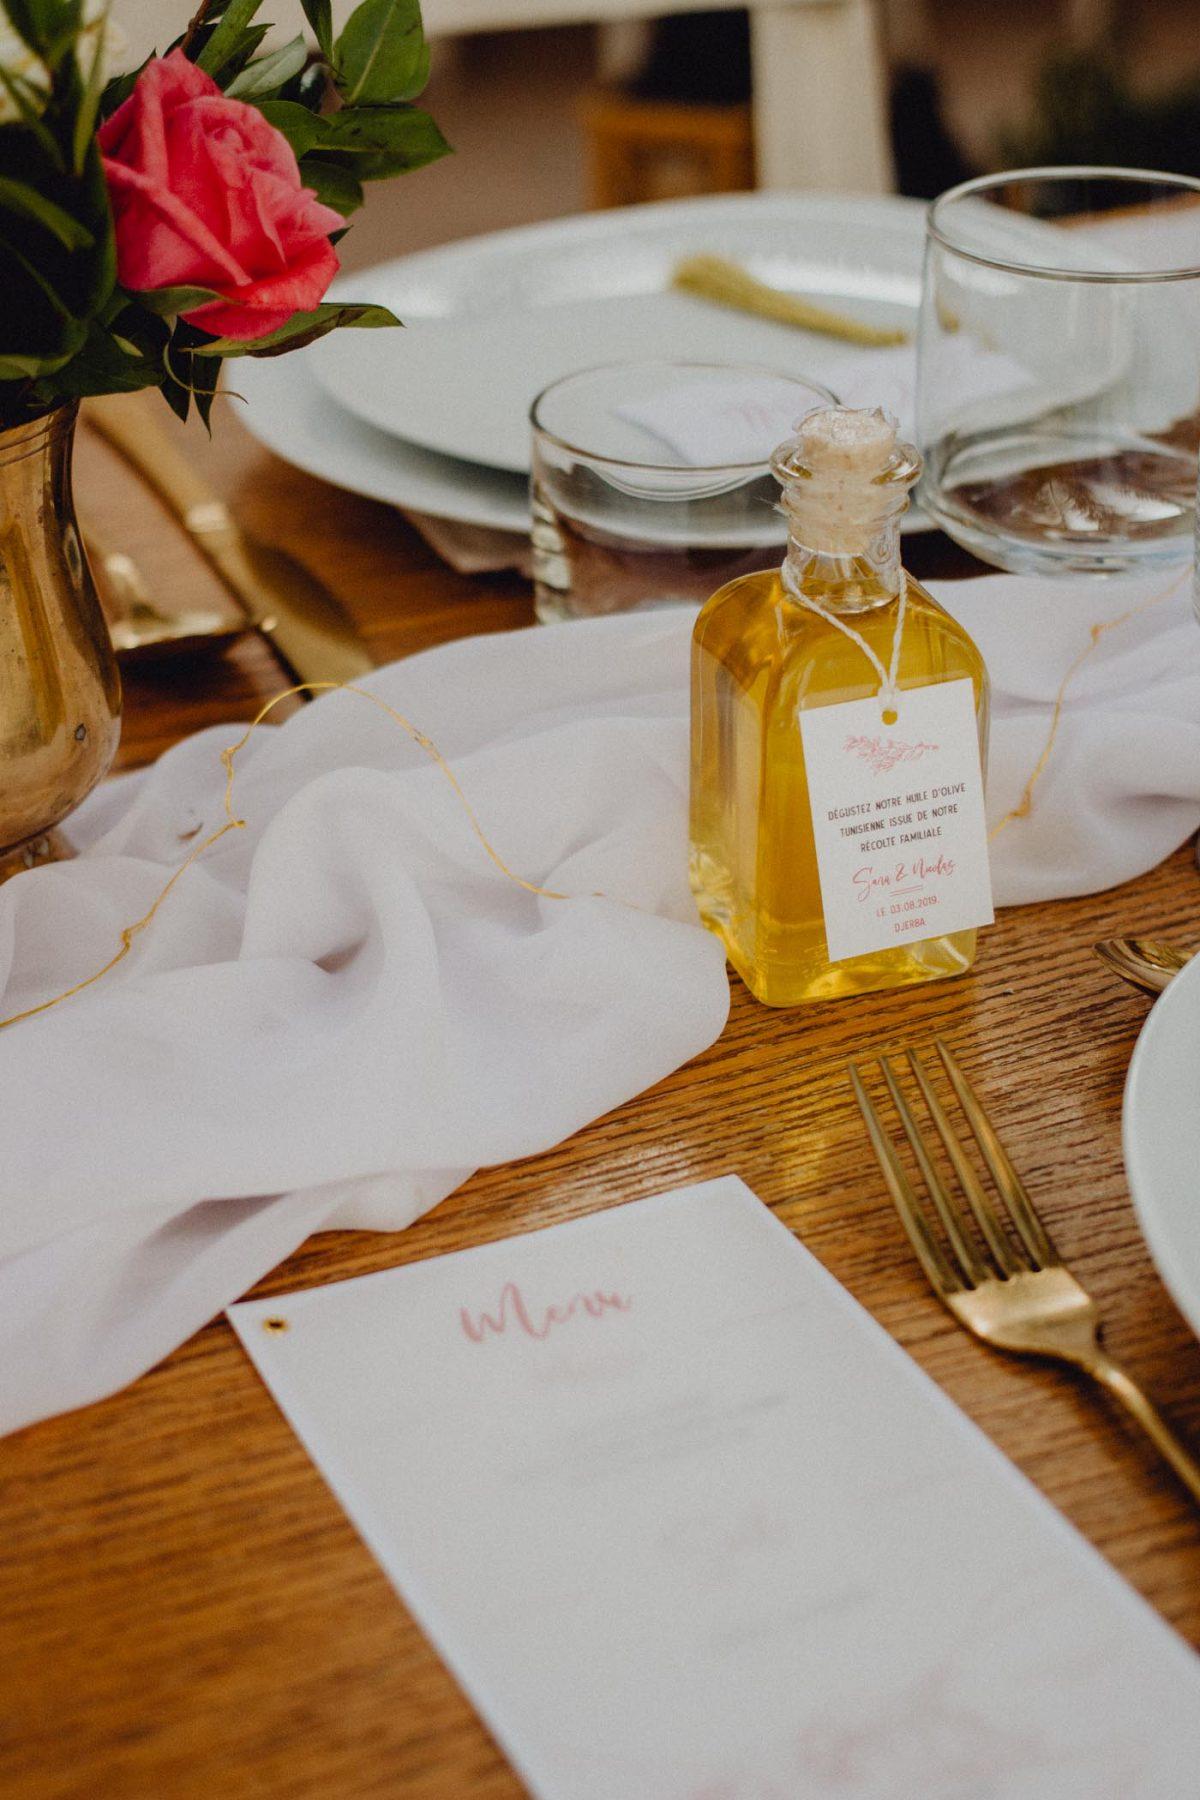 DIY printable | Petites étiquettes cadeau MERCI à imprimer | Design by Make My Wed - La Mariée Sous Les Etoiles